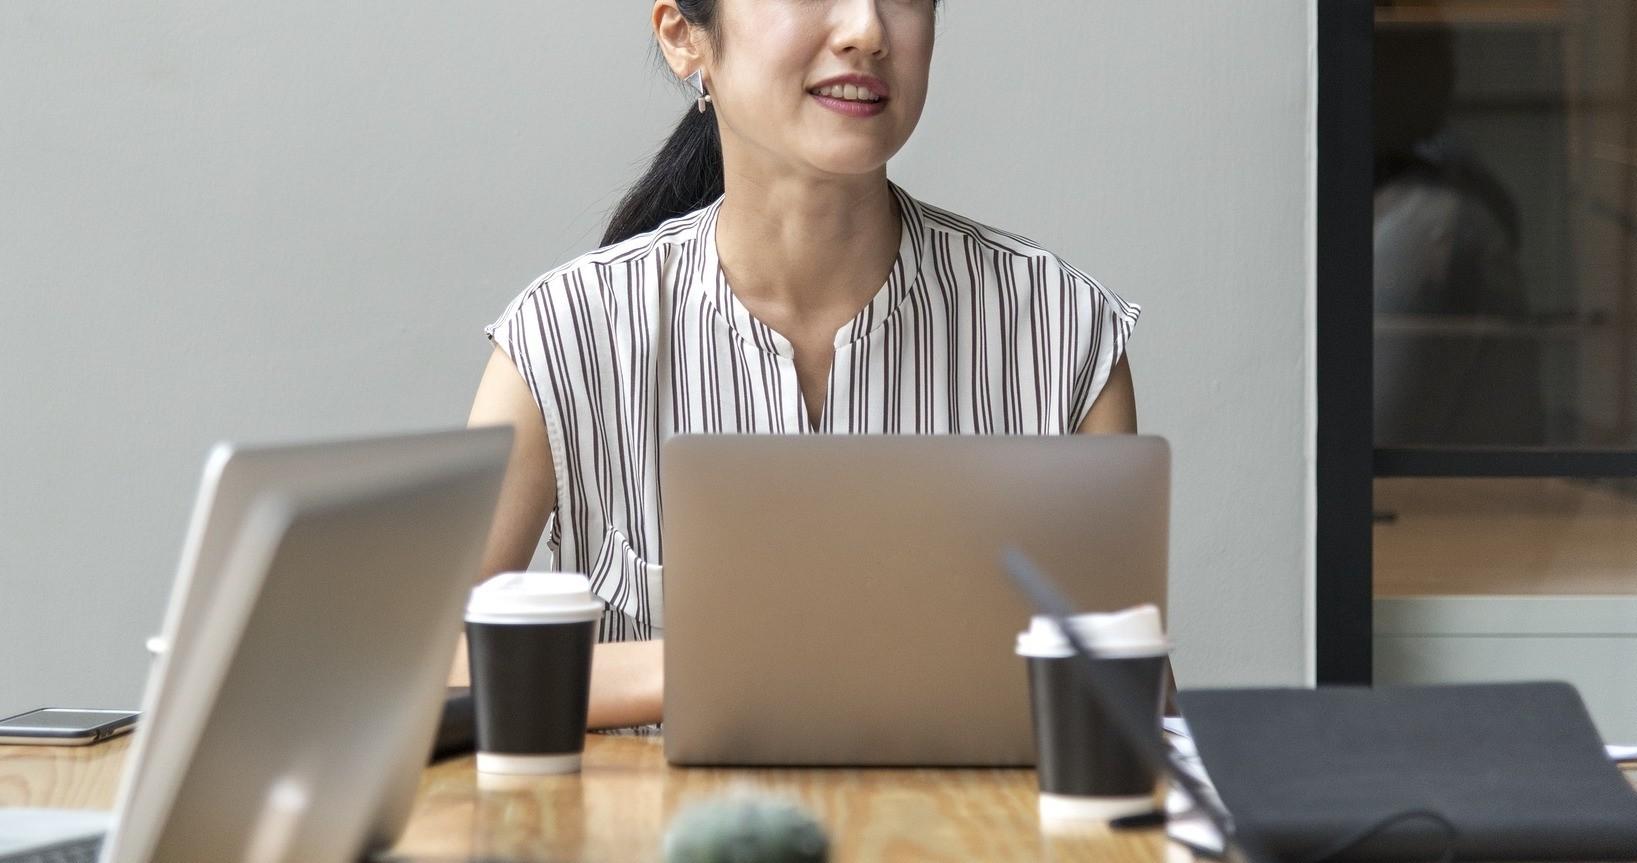 ▲職員,員工,女職員,女員工,菁英,勞工。(圖/取自免費圖庫Pixabay)